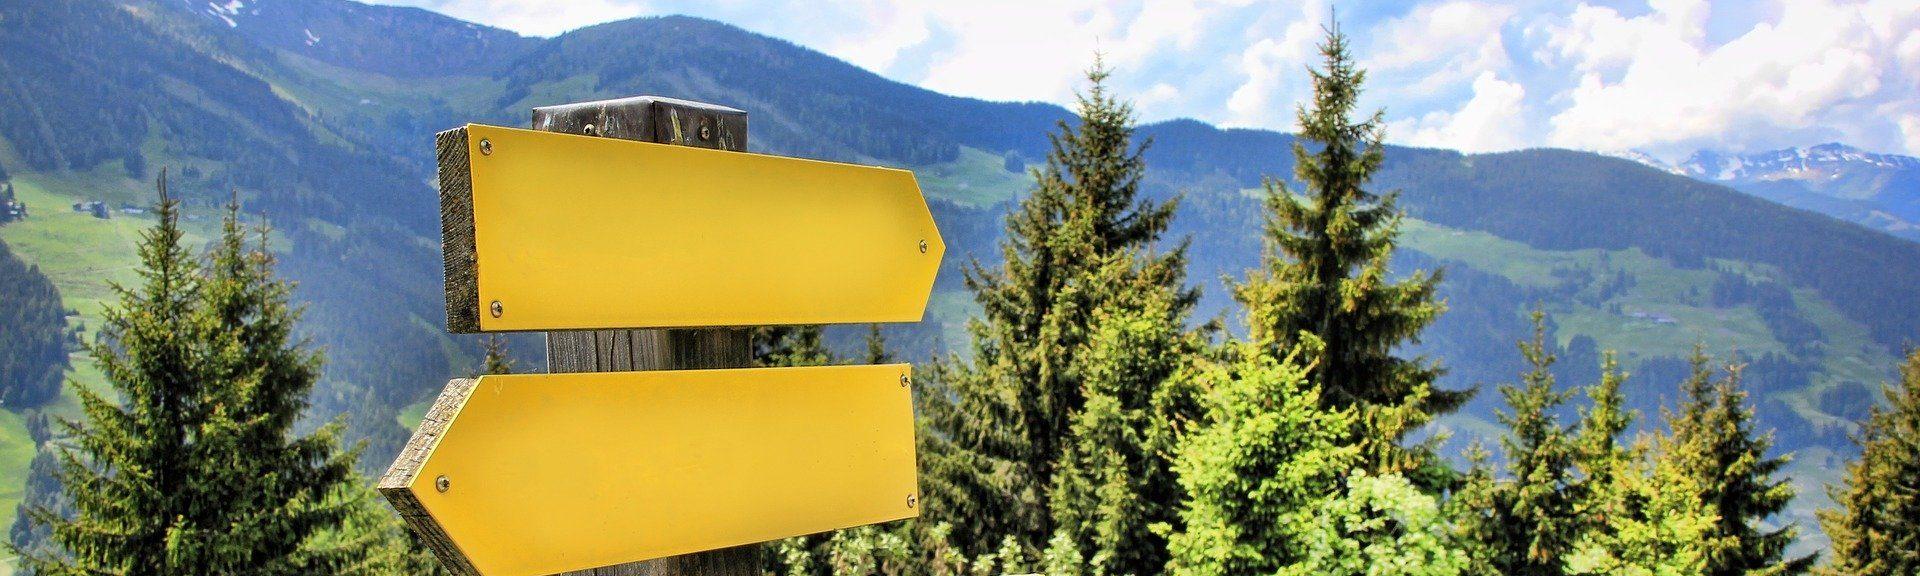 Man sieht zwei Schilder eines Wegweisers in den Bergen.